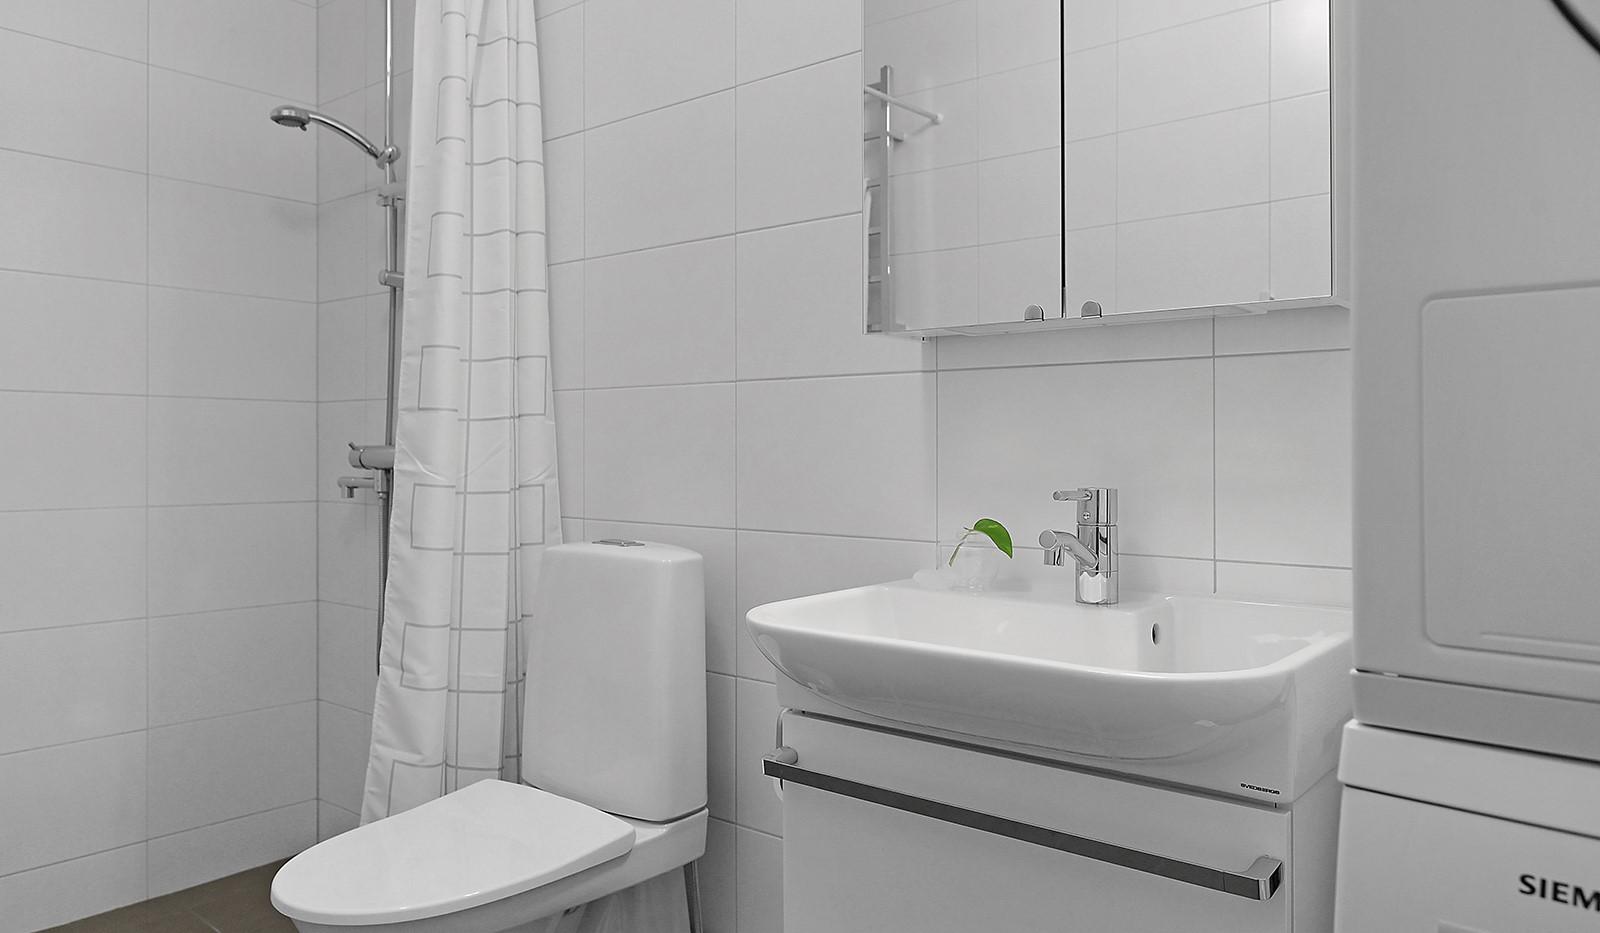 Buteljgatan 24, 5 tr - Badrummet är utrustat med tvättmaskin och torktumlare